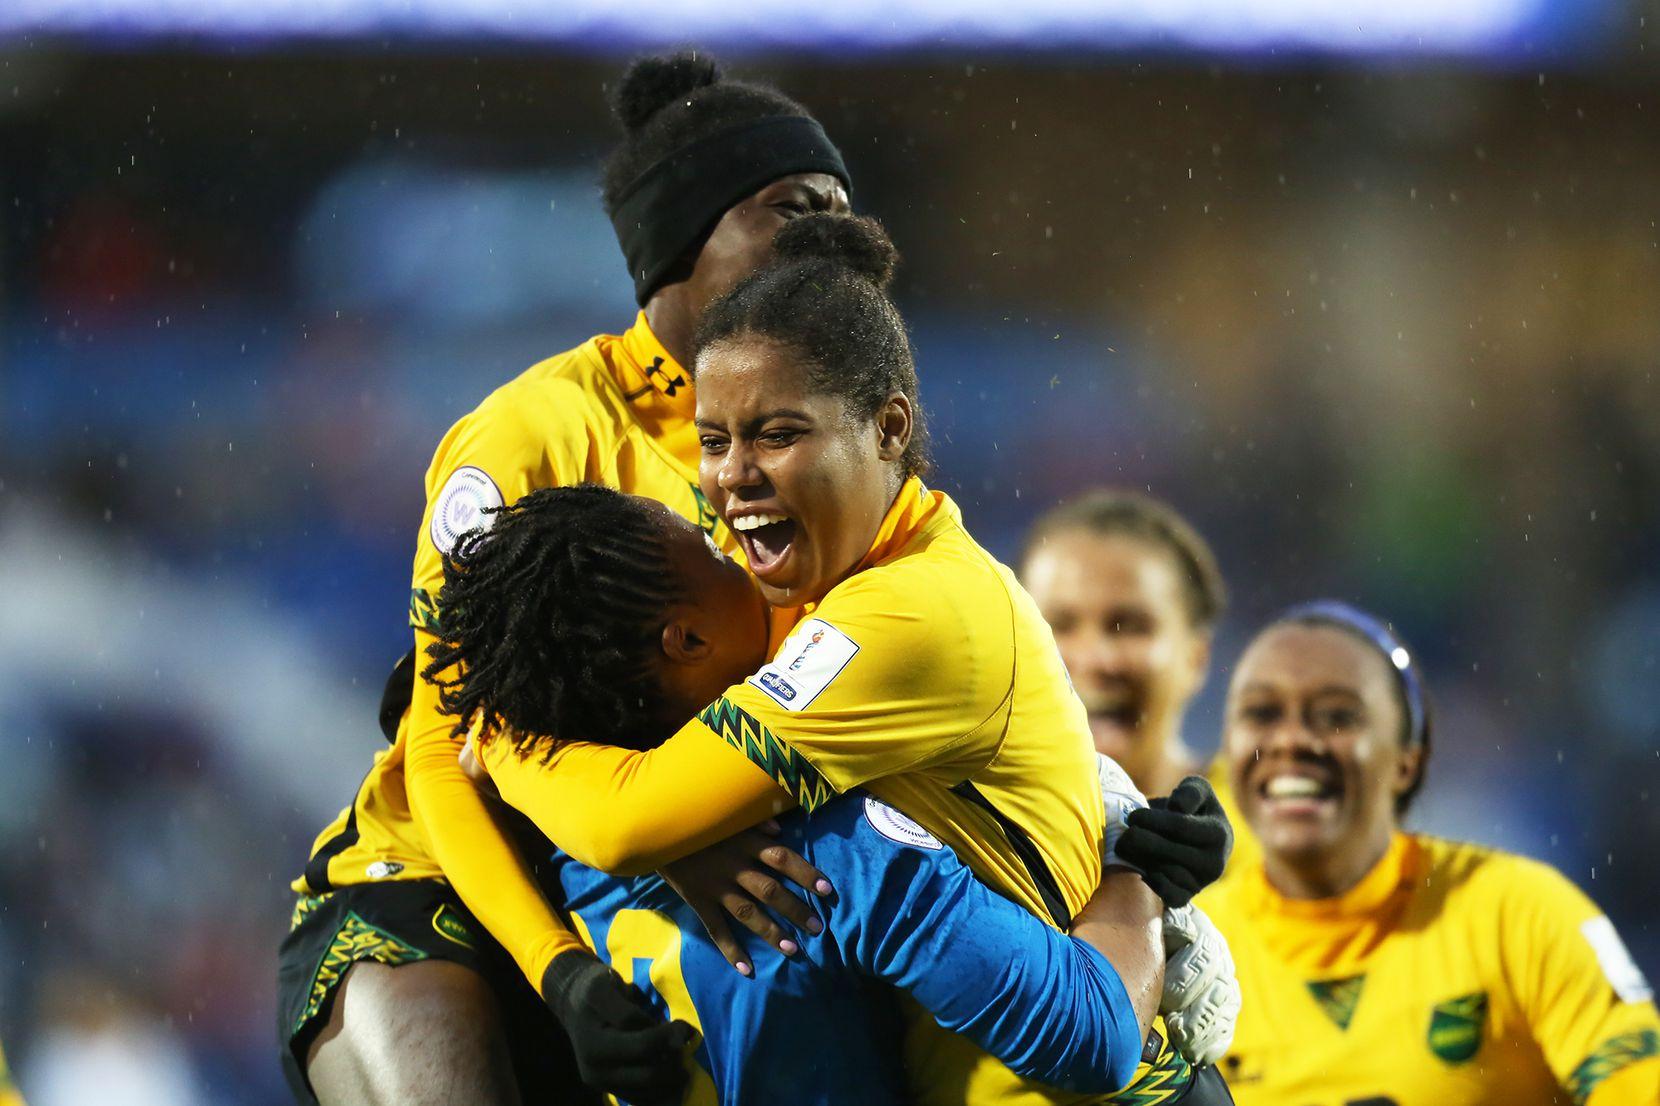 Jamaica celebra su pase al Mundial. Foto de Omar Vega para Al Día